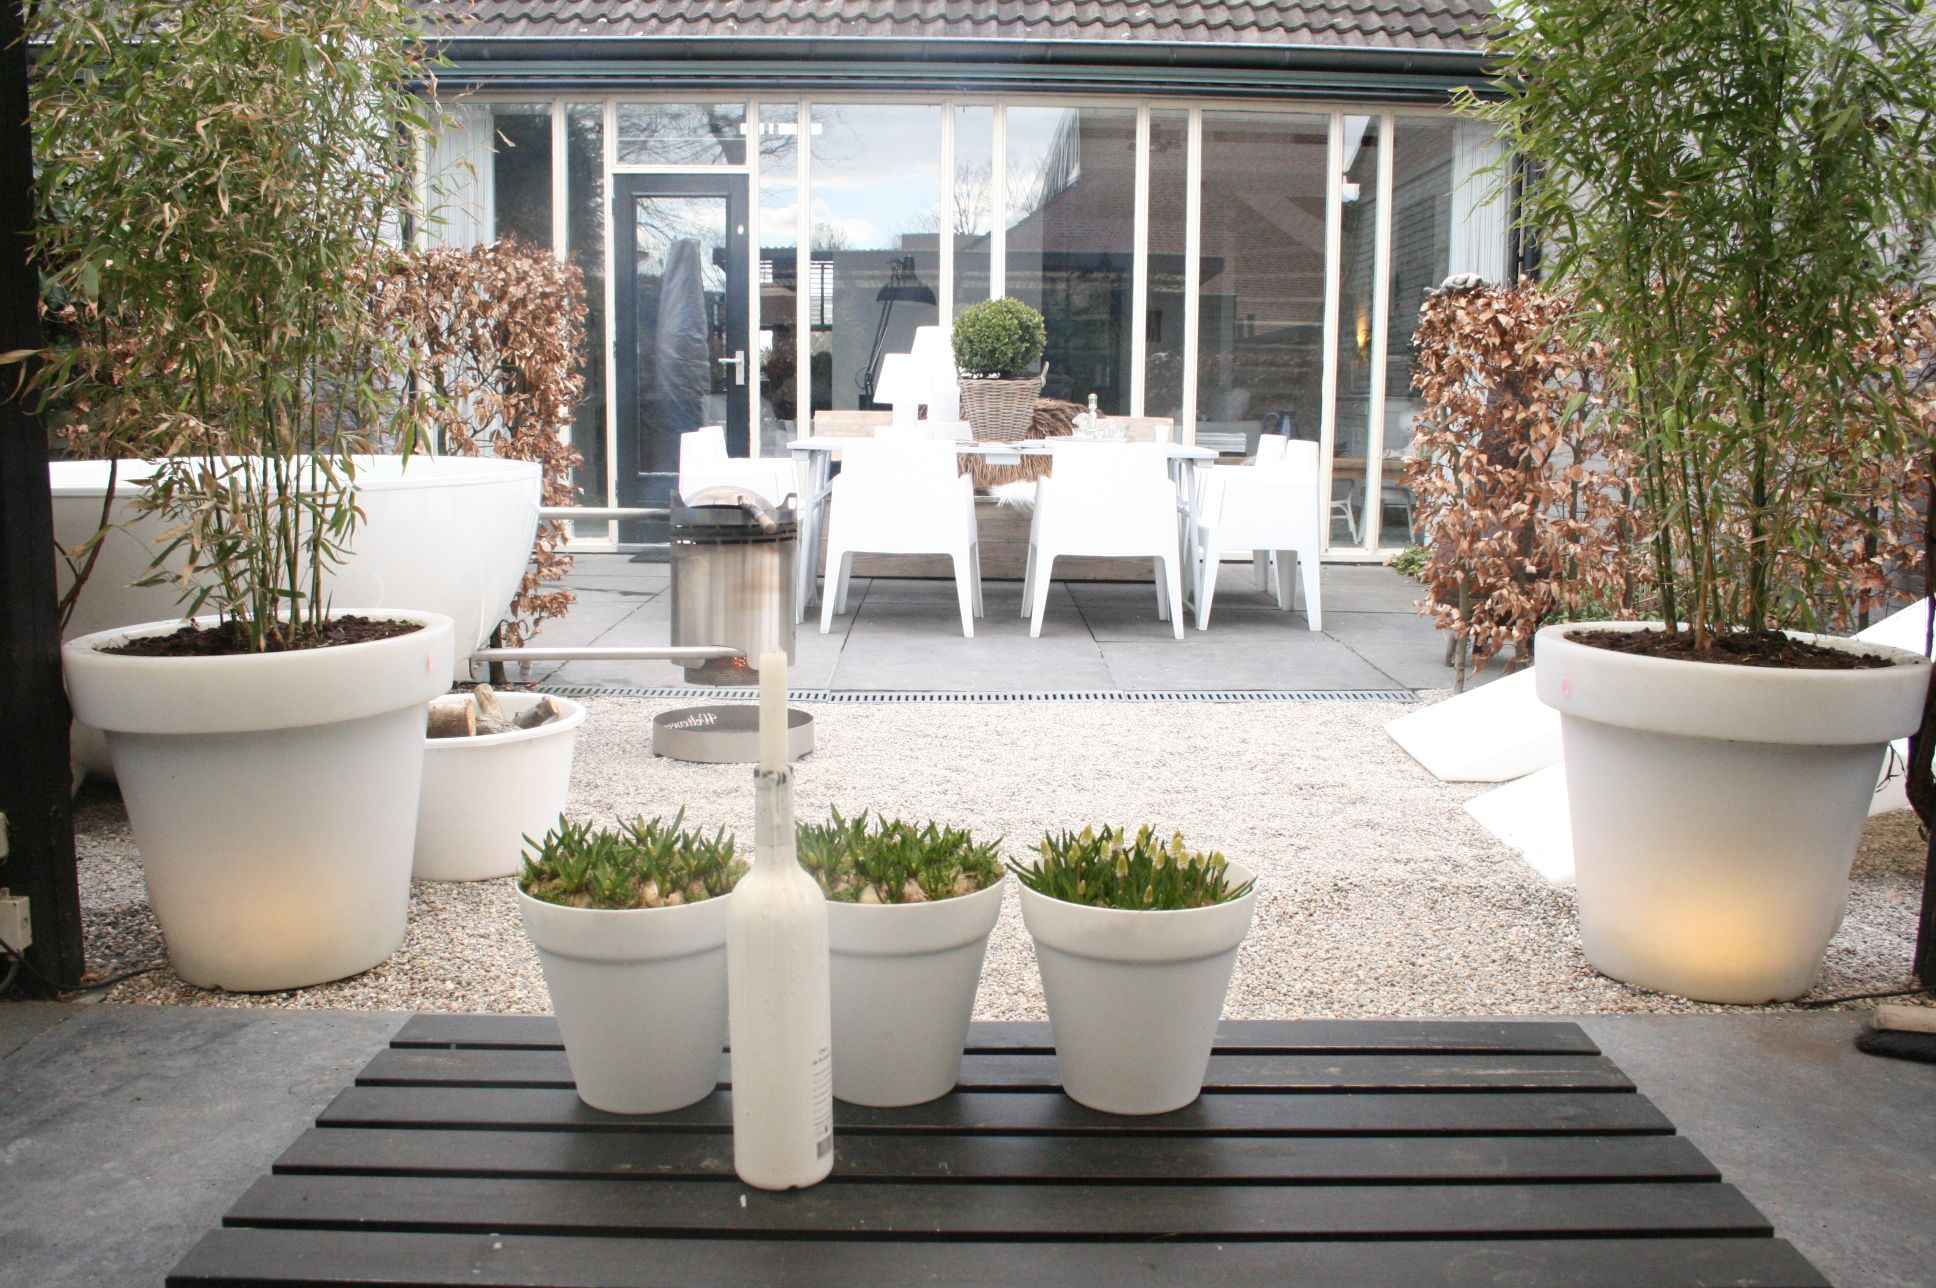 Kunststof Tuin Pot : Split bamboe verlichte bloempotten van bloomholland dutchtub box